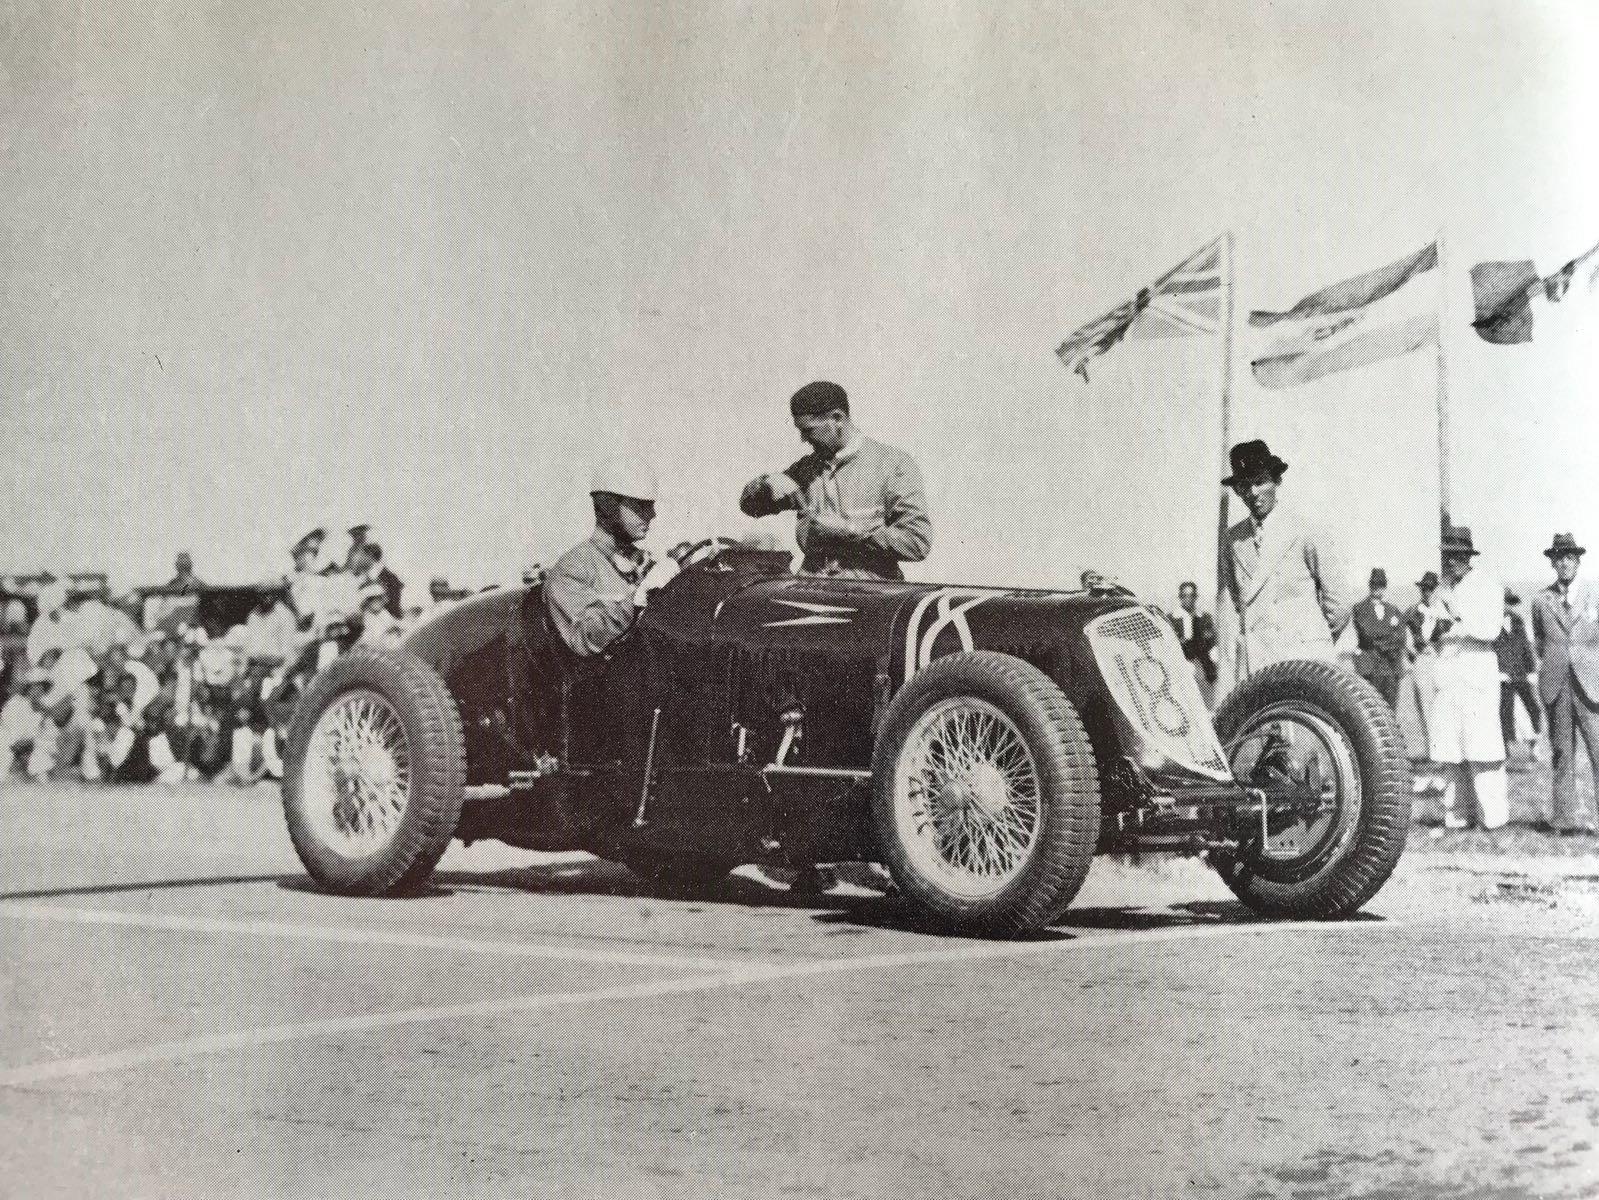 Whitney-Straight-Maserati-1934-period.jpg